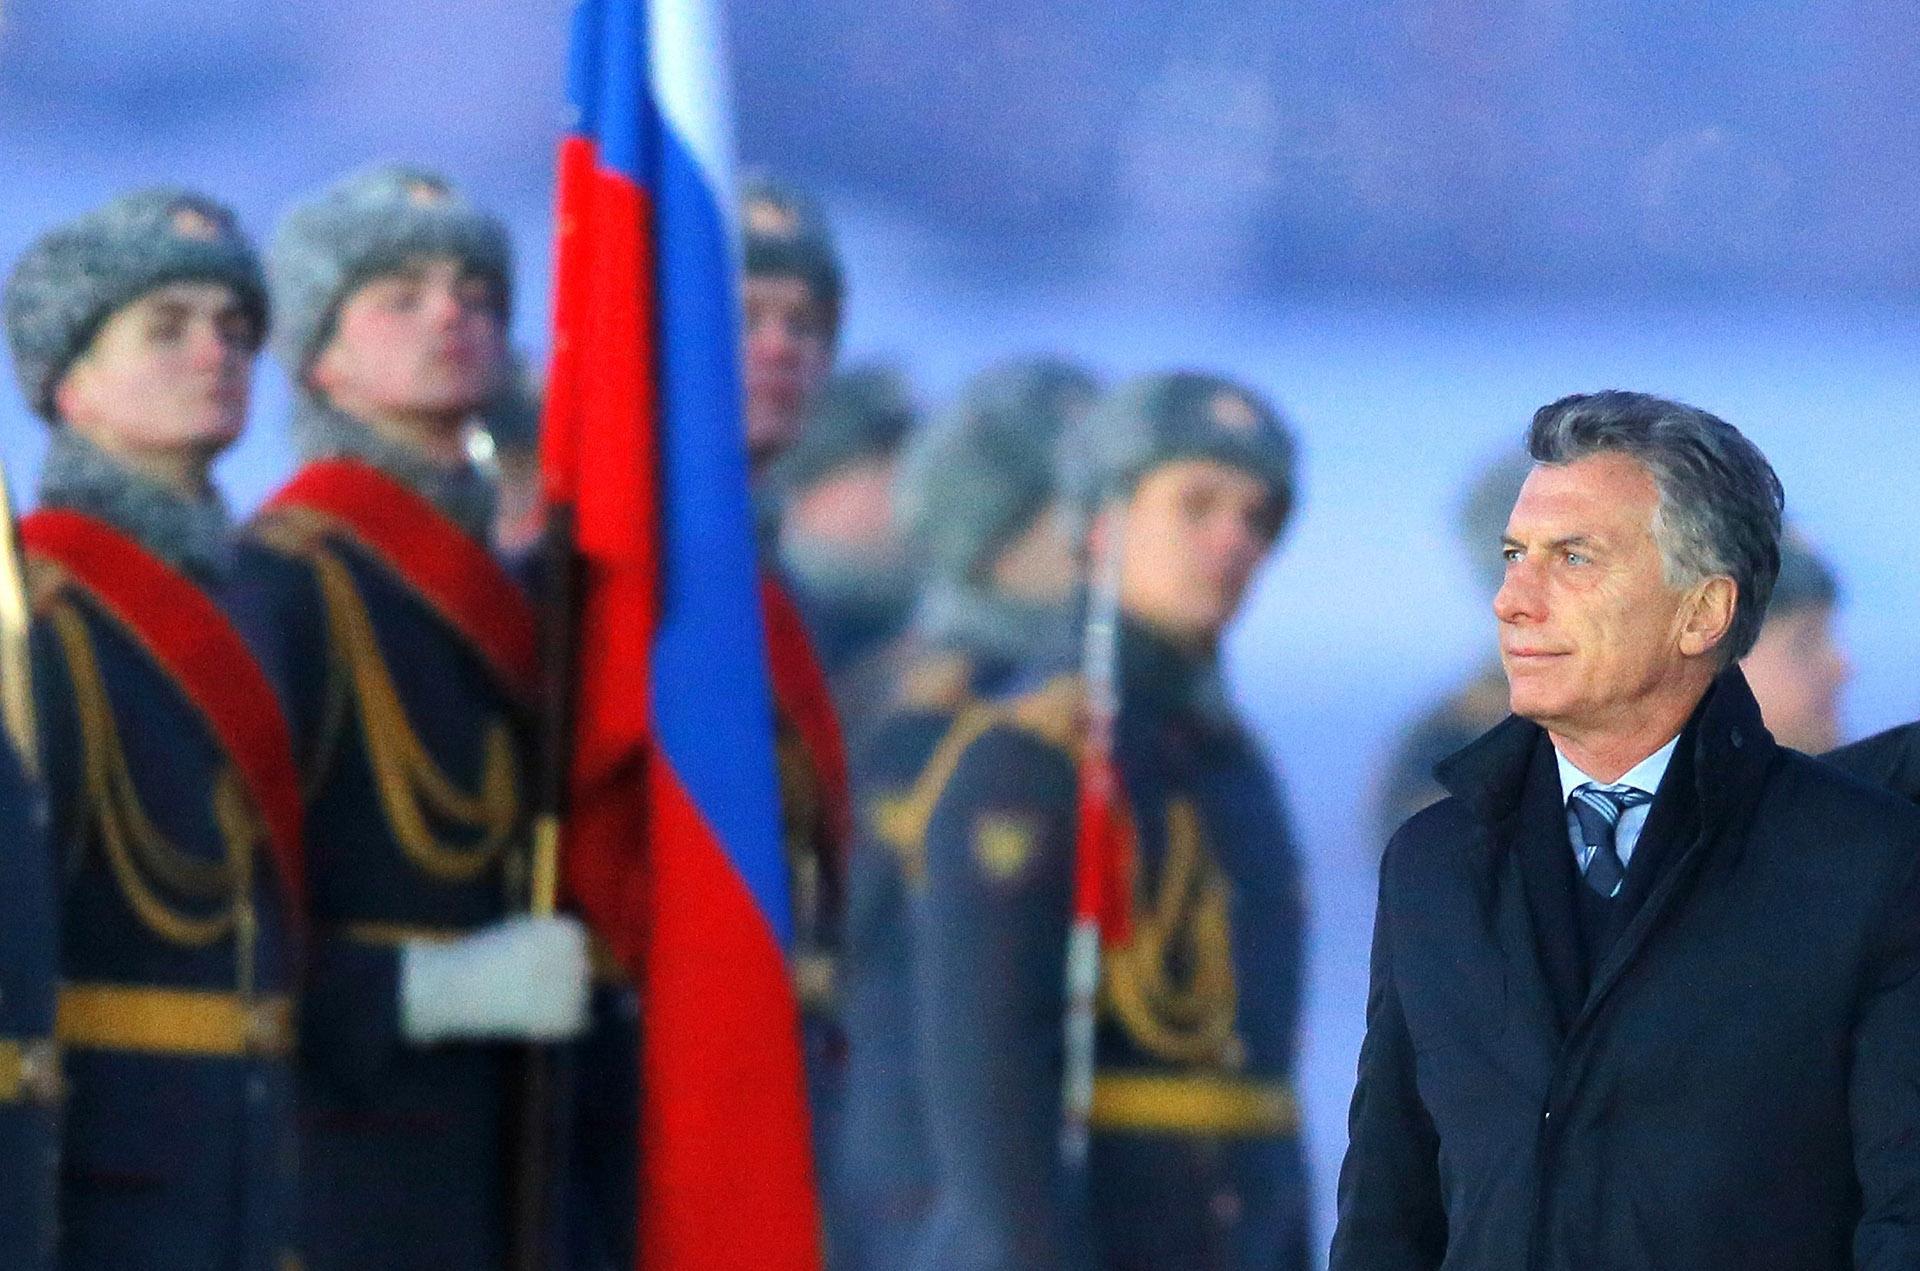 Presidente Mauricio Macri podría viajar a Rusia dependiendo de la selección Argentina